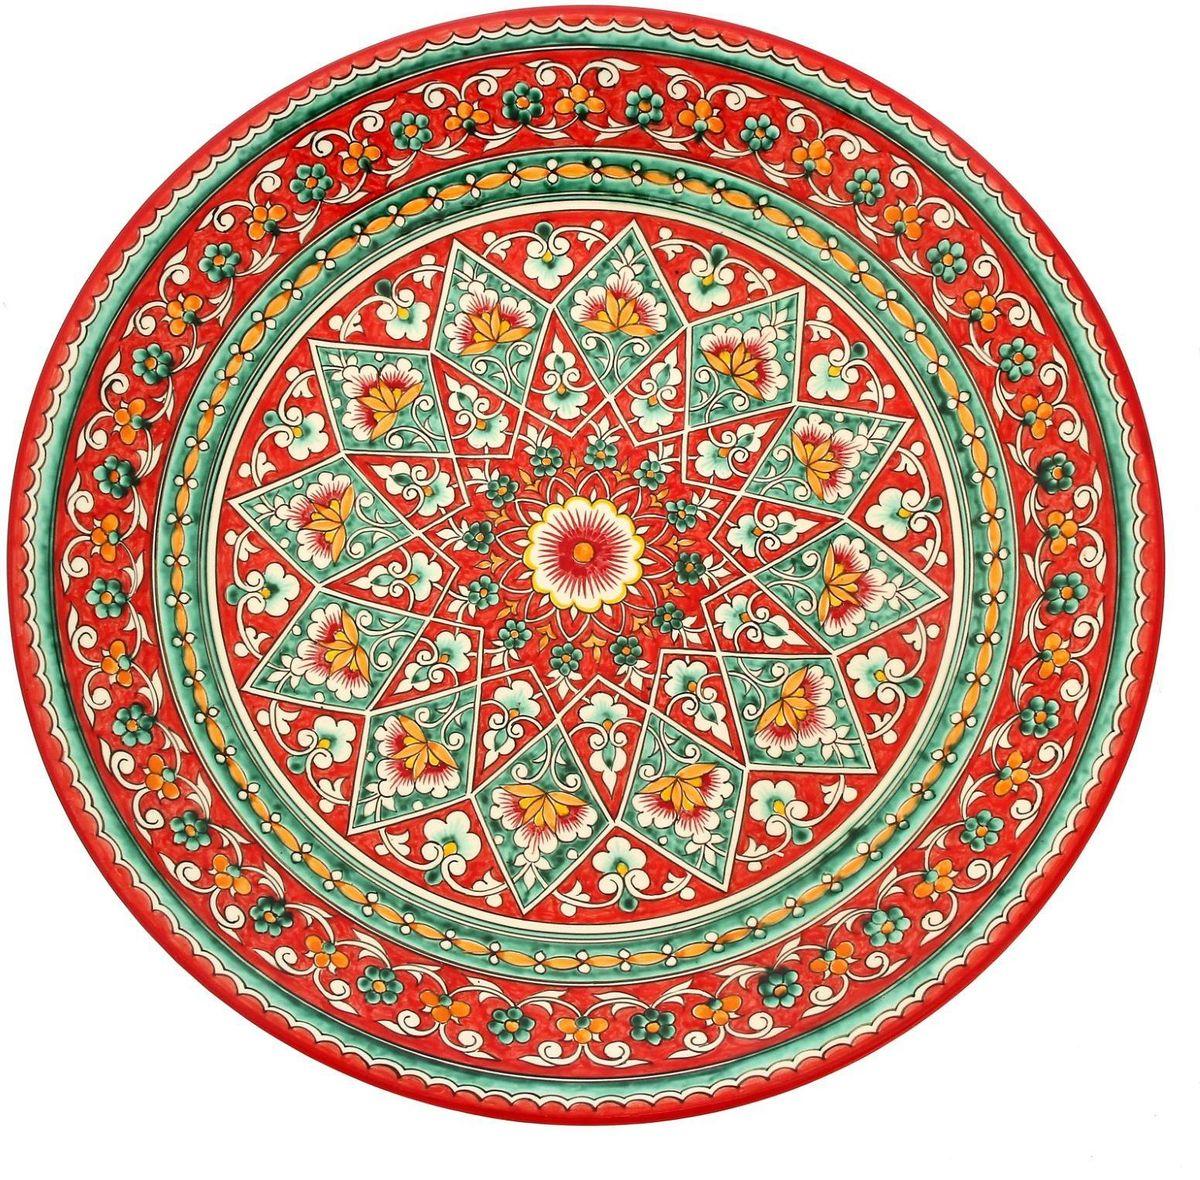 Ляган Риштанская керамика, диаметр 41 см. 19242471924247Ляган — это не просто обеденный атрибут, это украшение стола. Посуда с национальной росписью станет отменным подарком для ценителей высокородной посуды.Риштан — город на востоке Узбекистана, один из древнейших в Ферганской долине. С давних времён Риштан славится своим гончарным искусством изготовления цветной керамики. Красноватую глину для изделия добывают в самом городе. Мастера утверждают, что их глина настолько высокого качества, что даже не нуждается в предварительной обработке. Дополните коллекцию кухонных аксессуаров пряными восточными нотами.